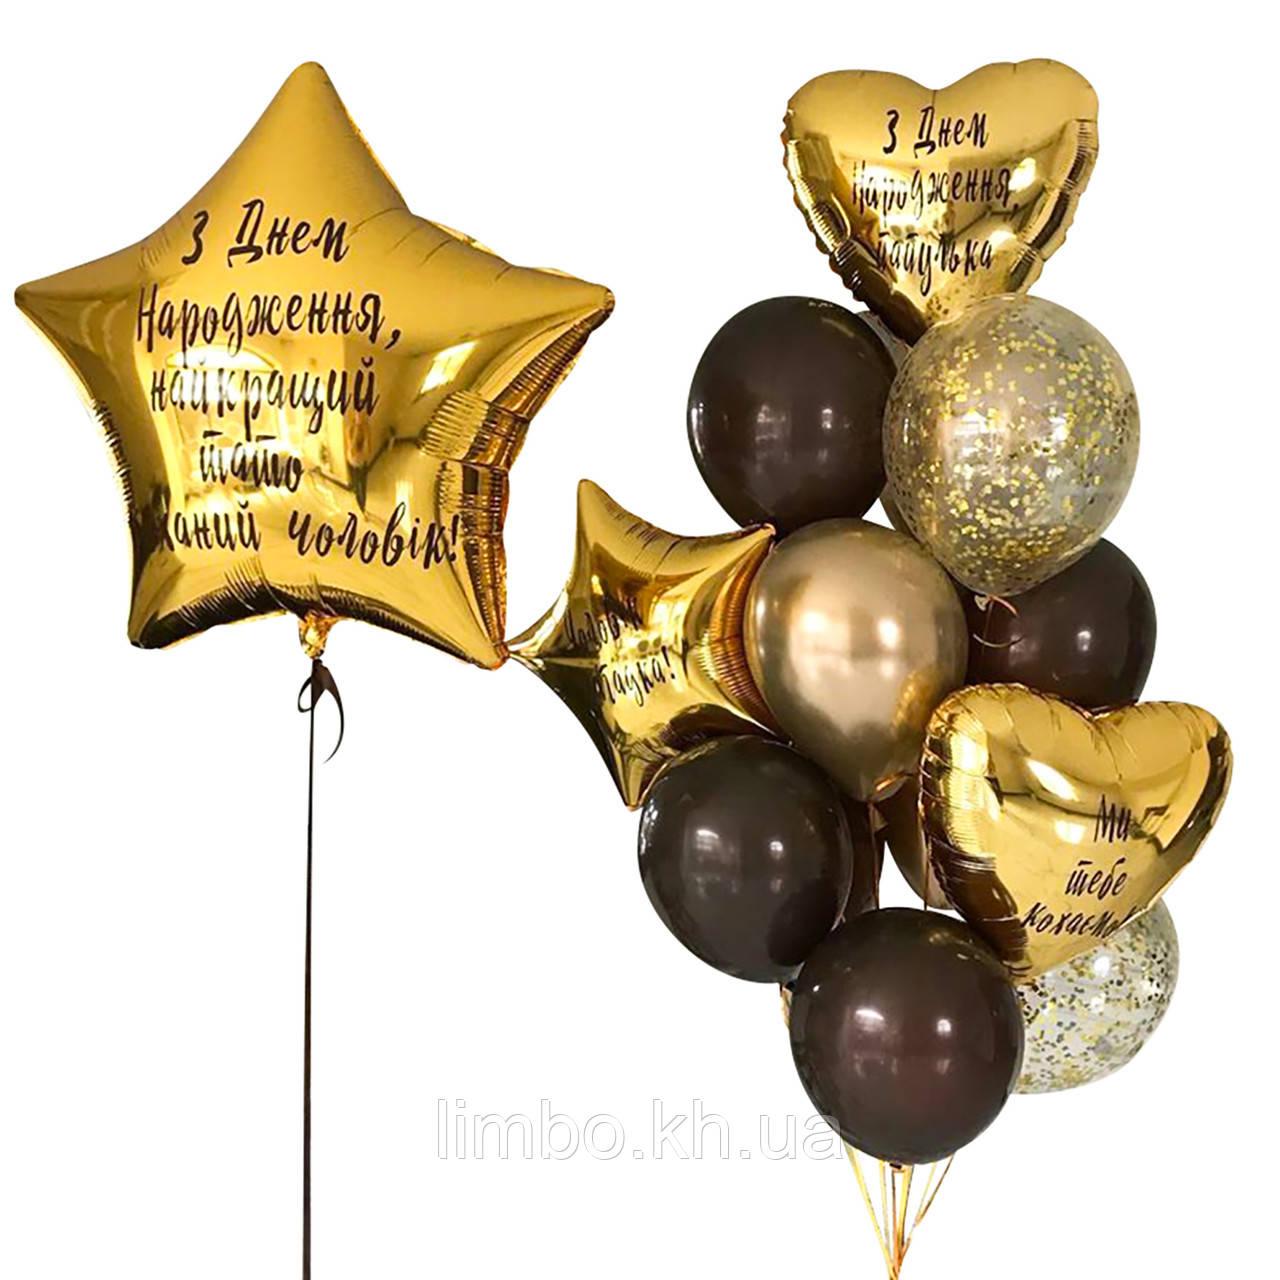 Шары для мужчины на день рождения с большой звездой с индивидуальной надписью